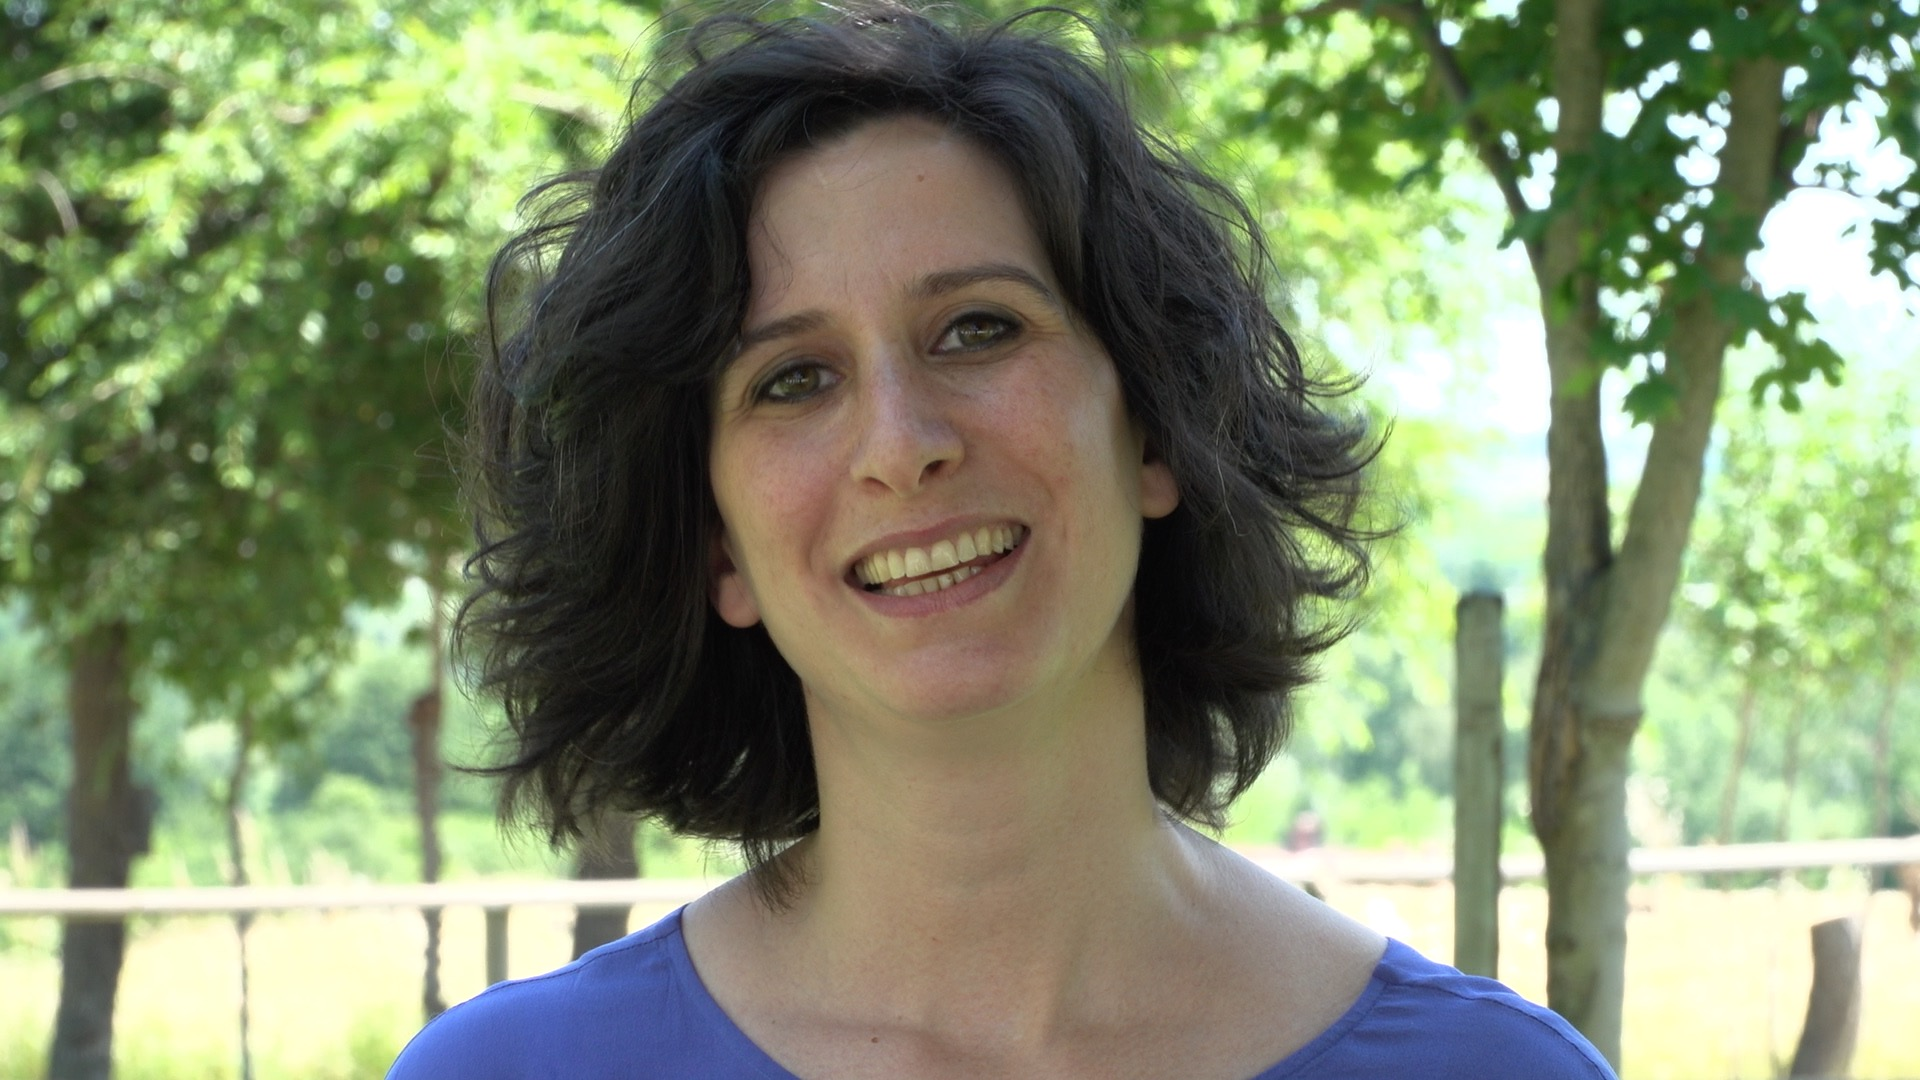 Elena Iseppi